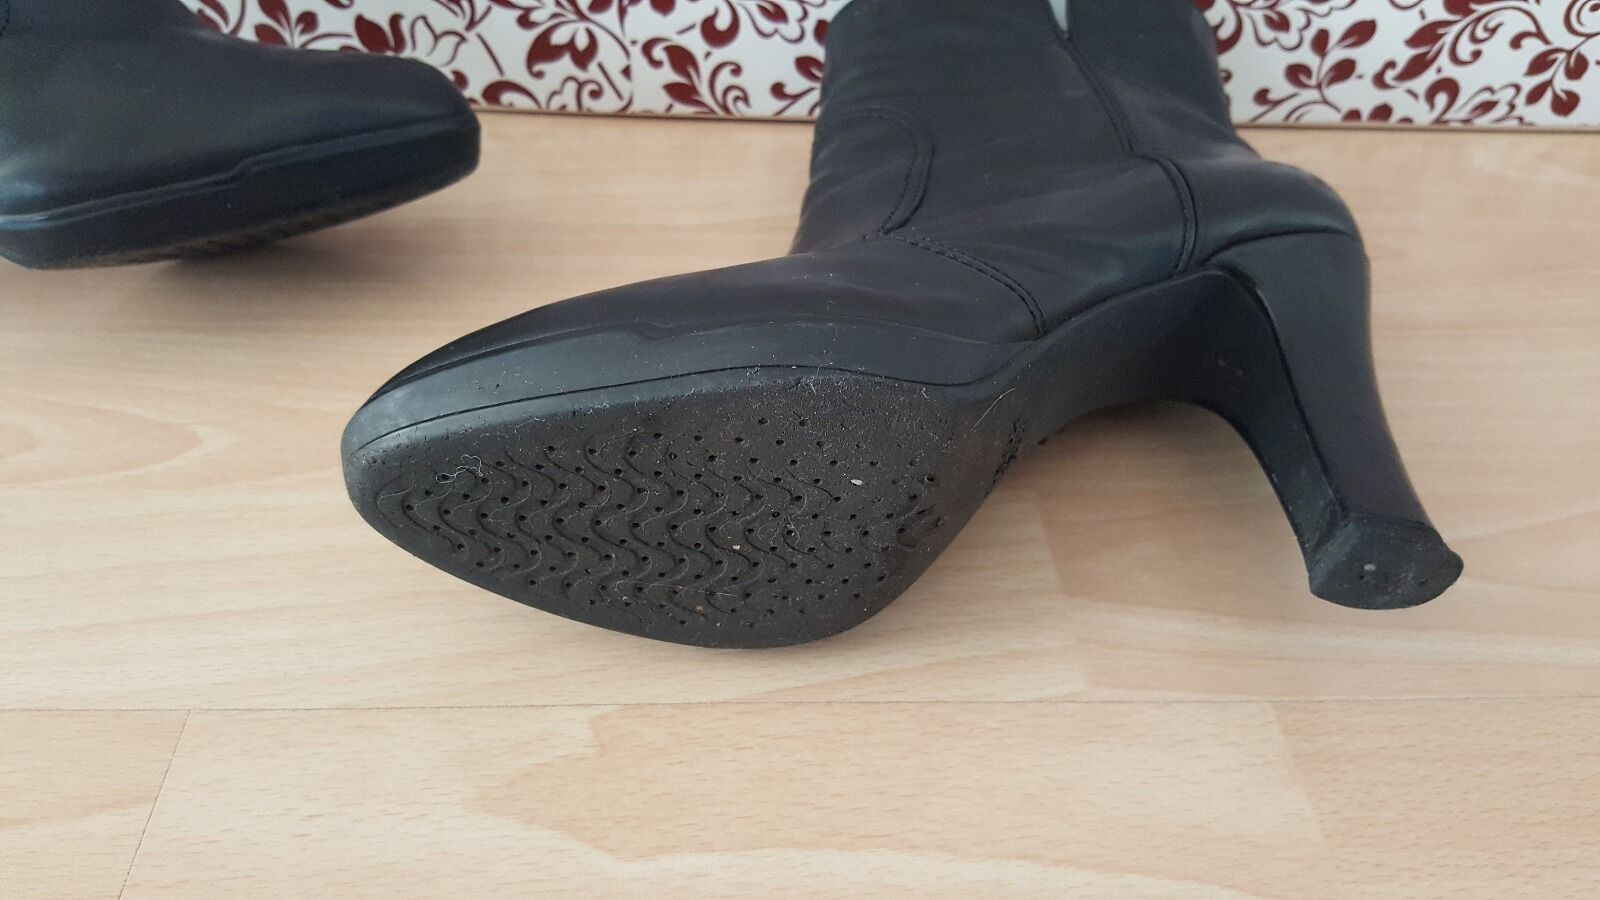 Damenschuhe Stiefeletten Gr.39 Geox Geox Geox Leder 7ba8c6